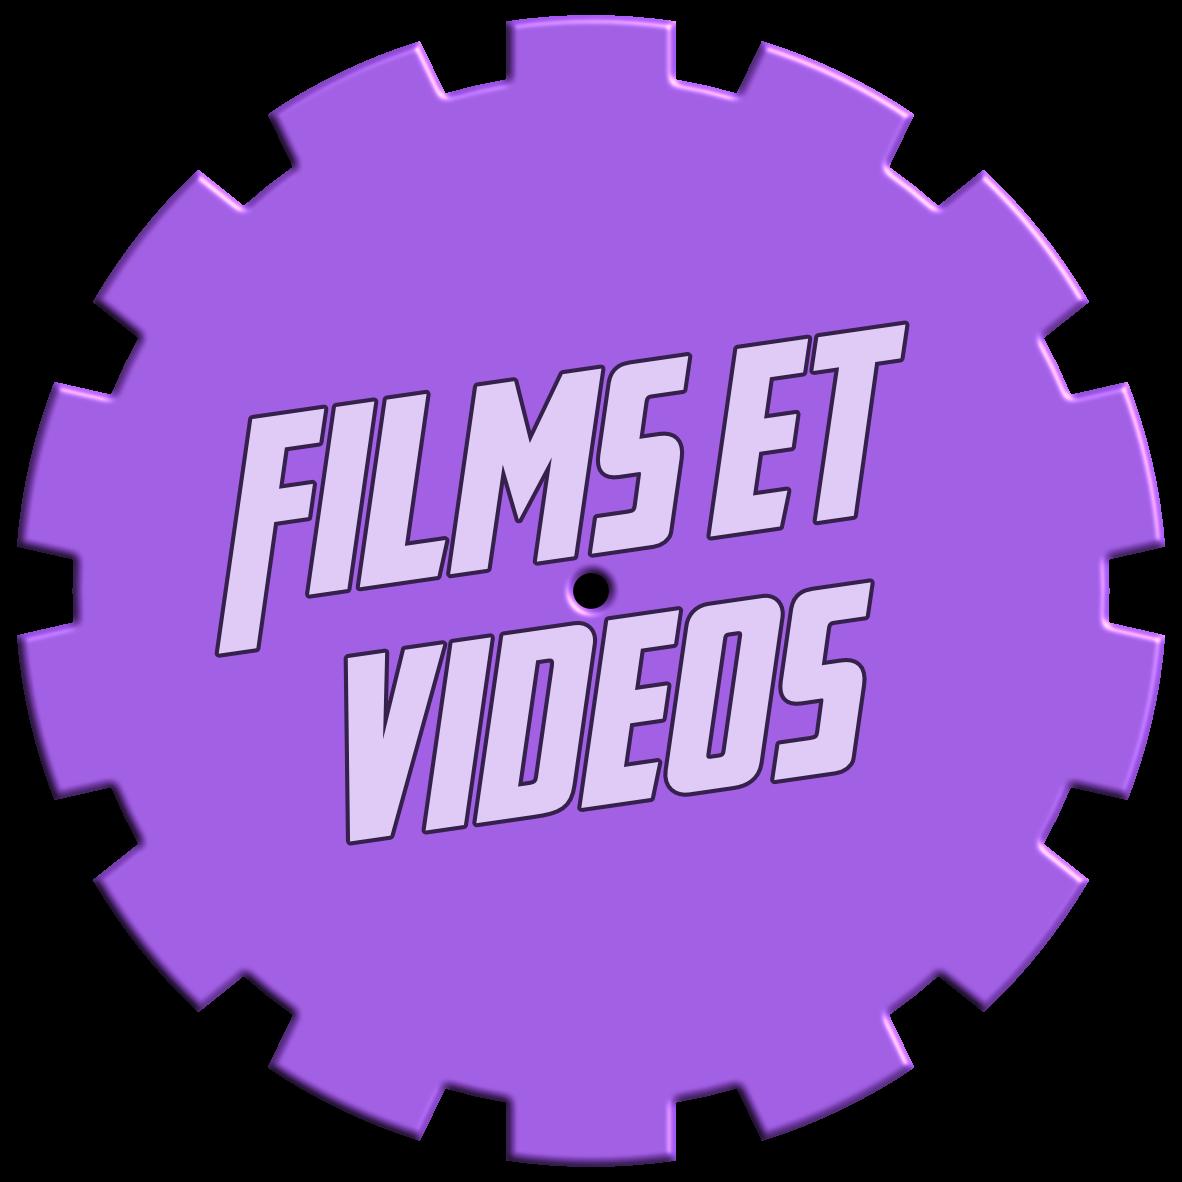 Films et vidéos